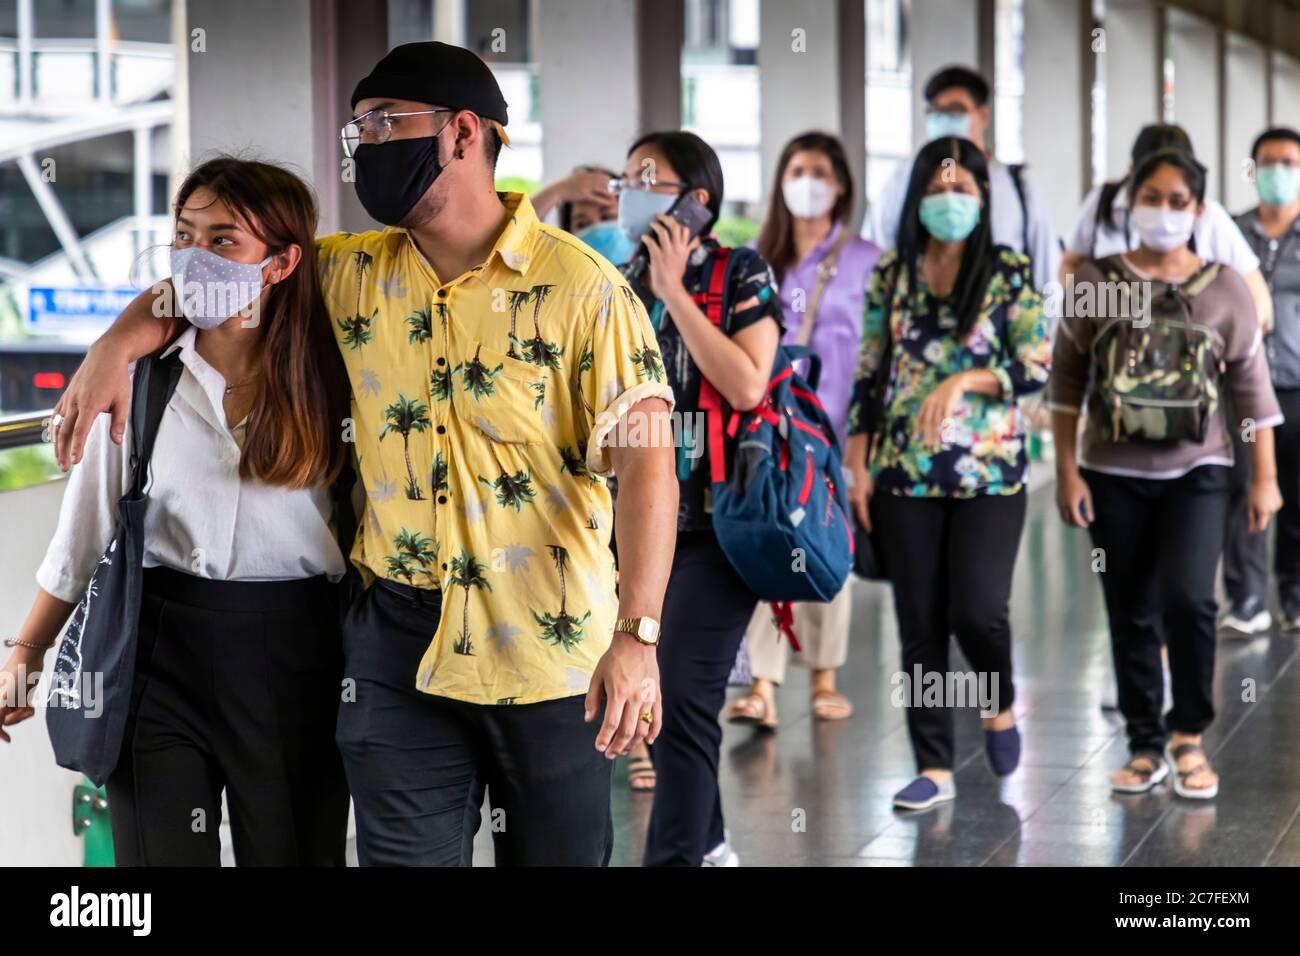 Pareja y peatones que usan máscaras durante la pandemia de Covid 19, Bangkok, Tailandia Foto de stock